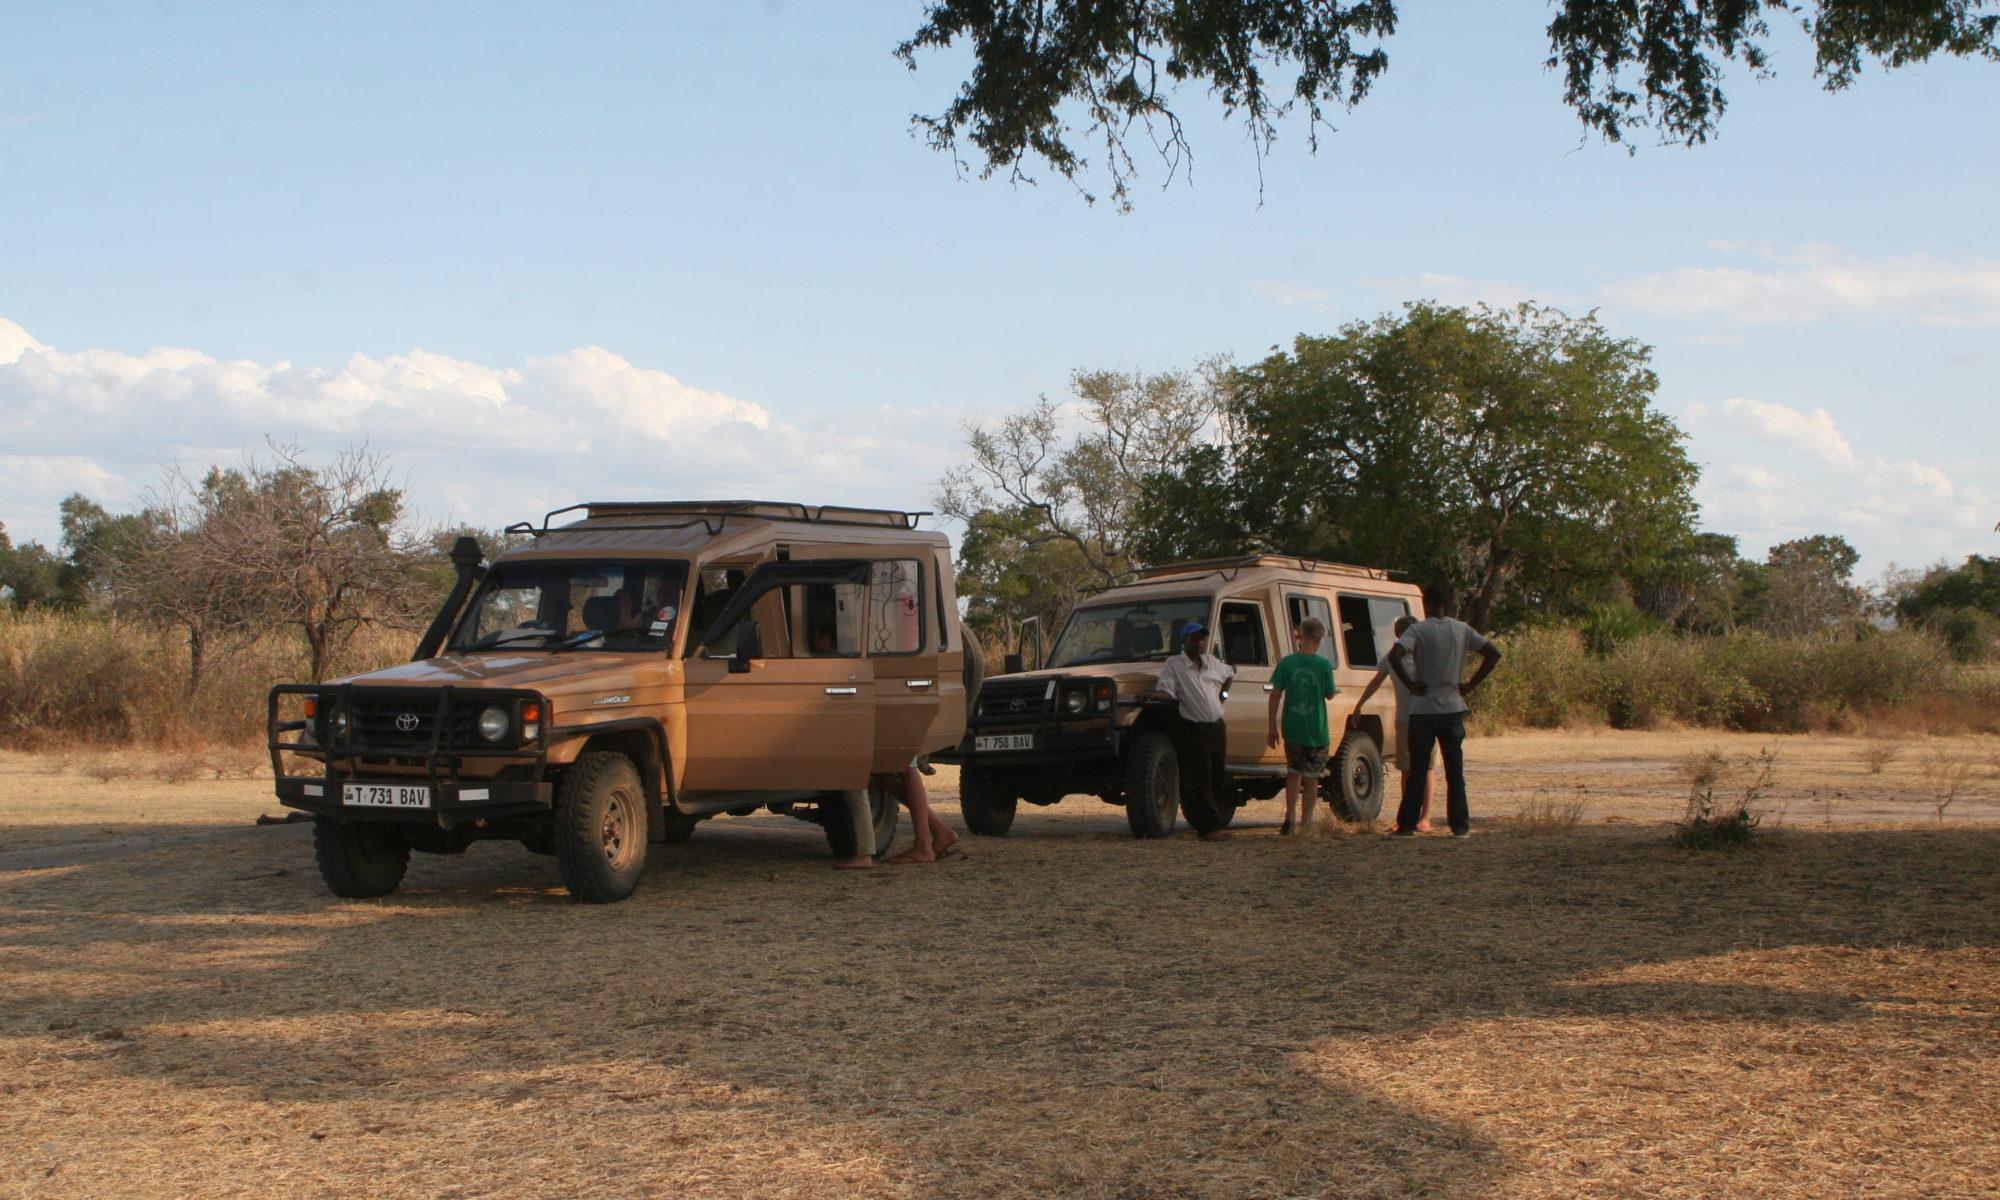 Safari with Remote Safari Company